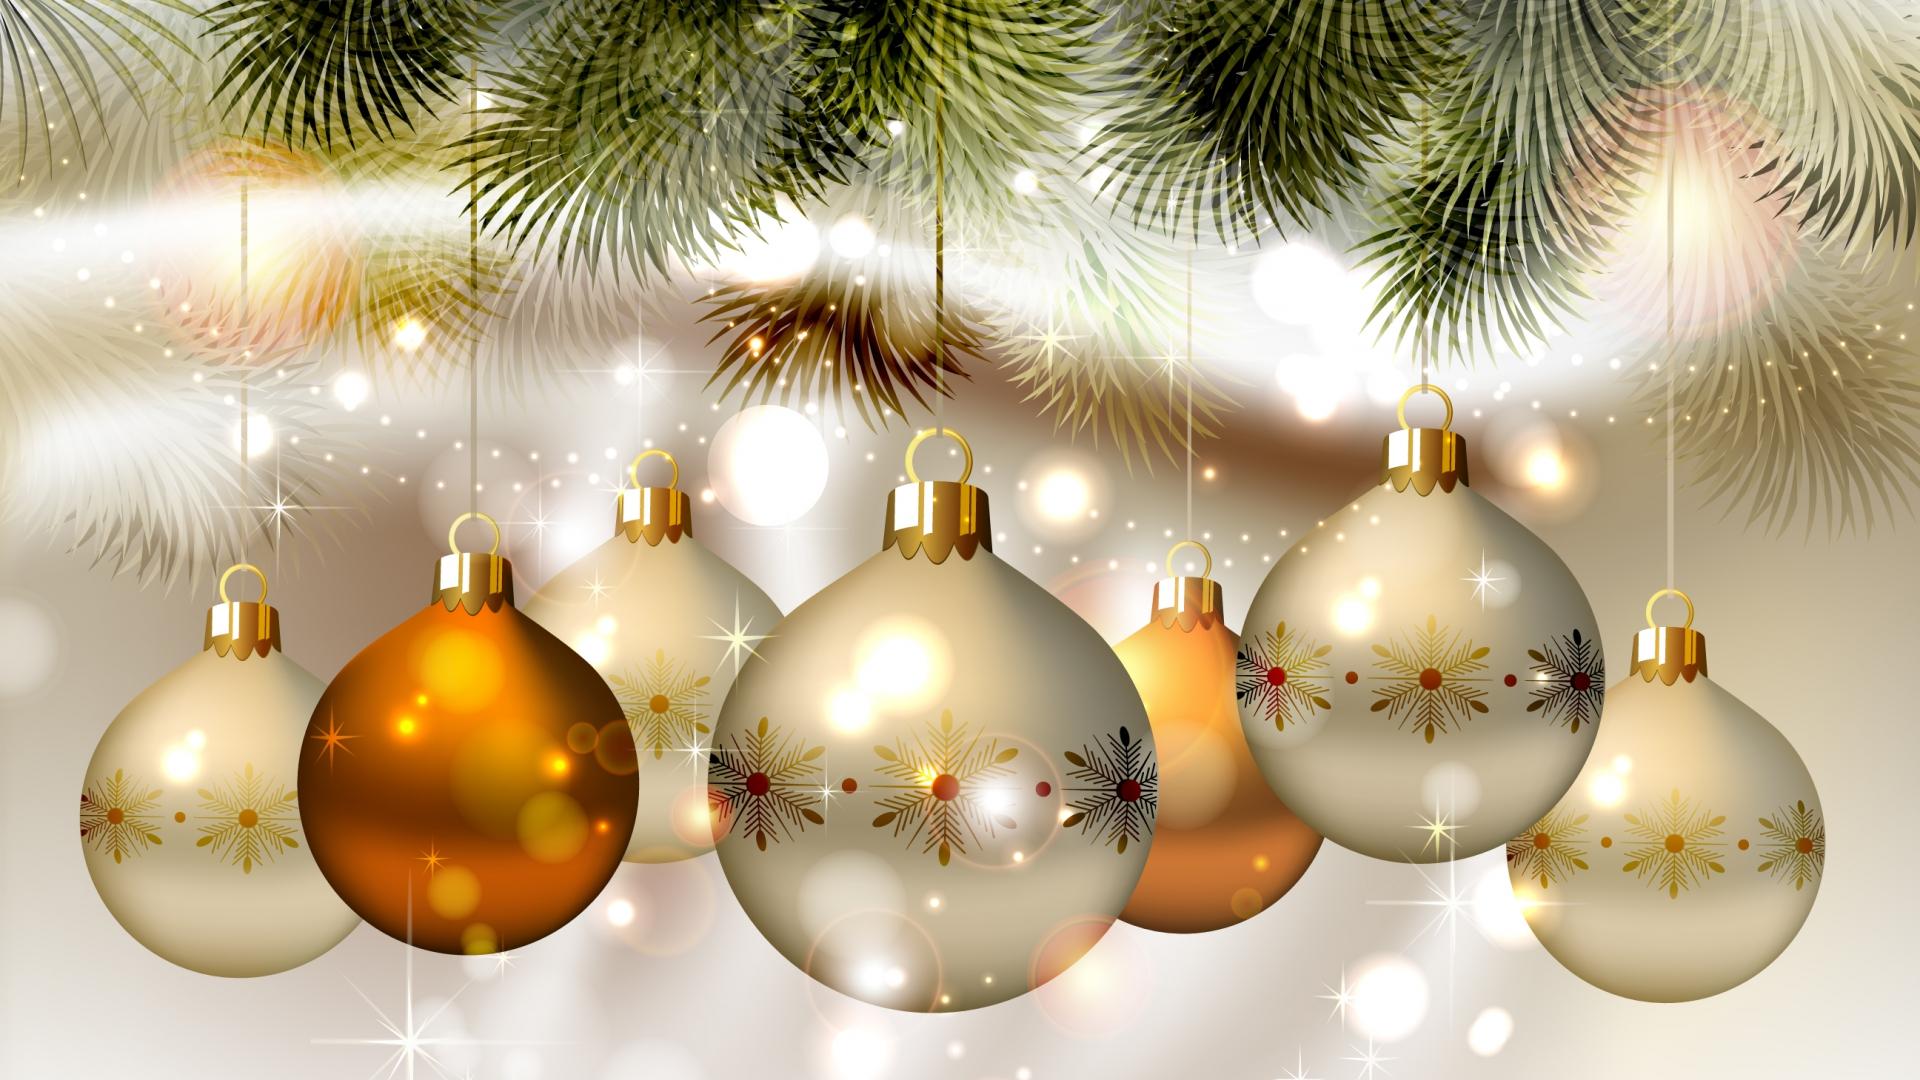 Bộ Sưu Tập Ảnh Giáng Sinh - Page 3 Christmasballs211